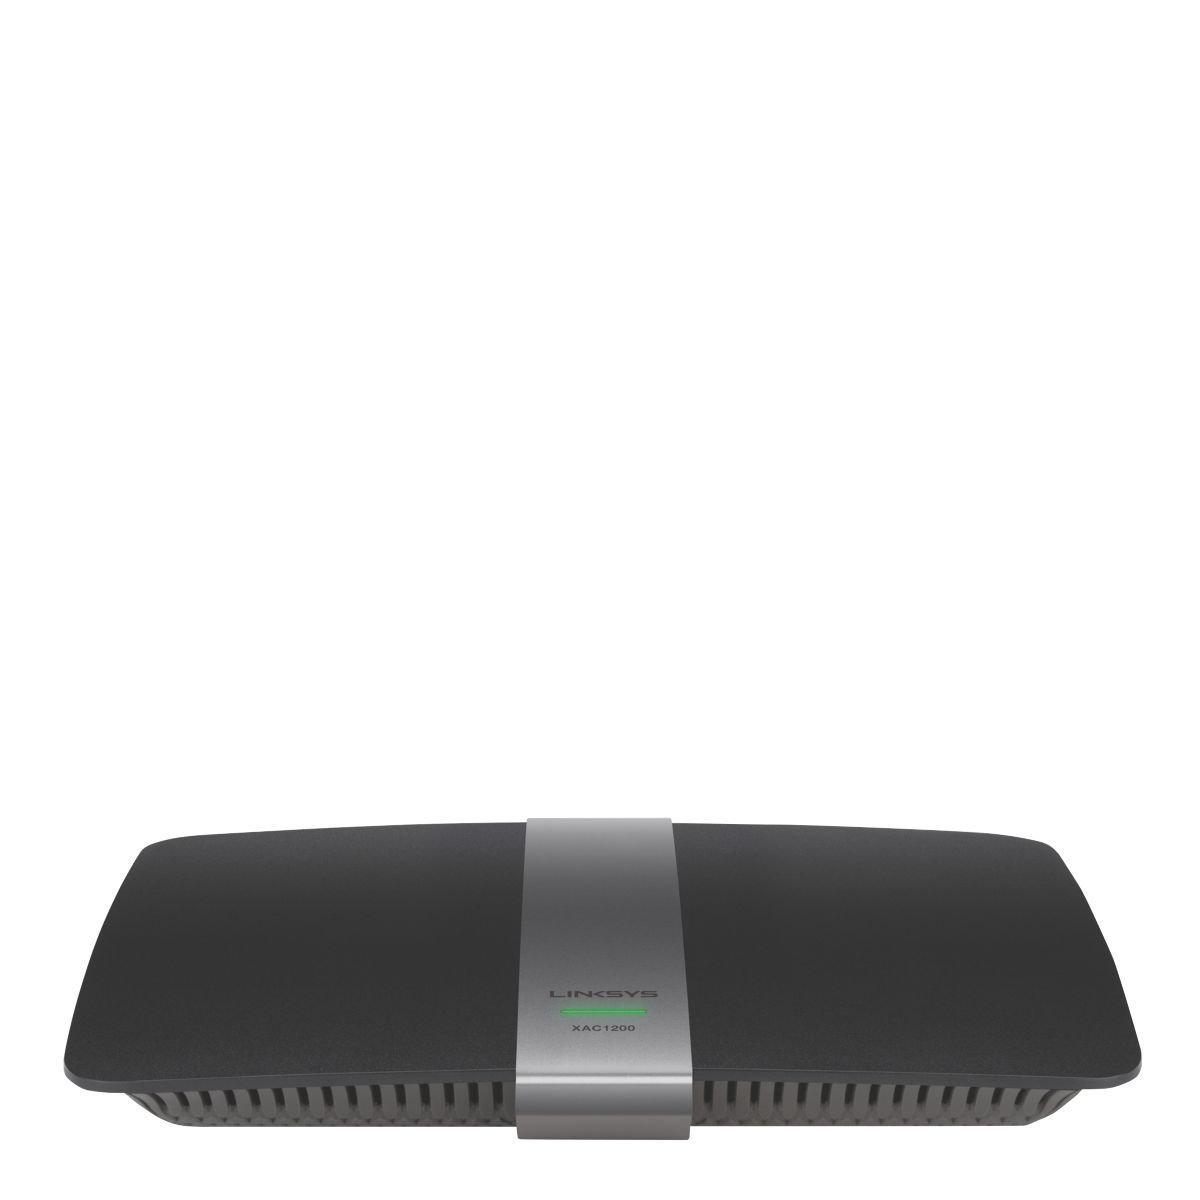 ADSL-Роутер LINKSYS XAC1200, Wi-Fi AC1200, ADSL2+, FE